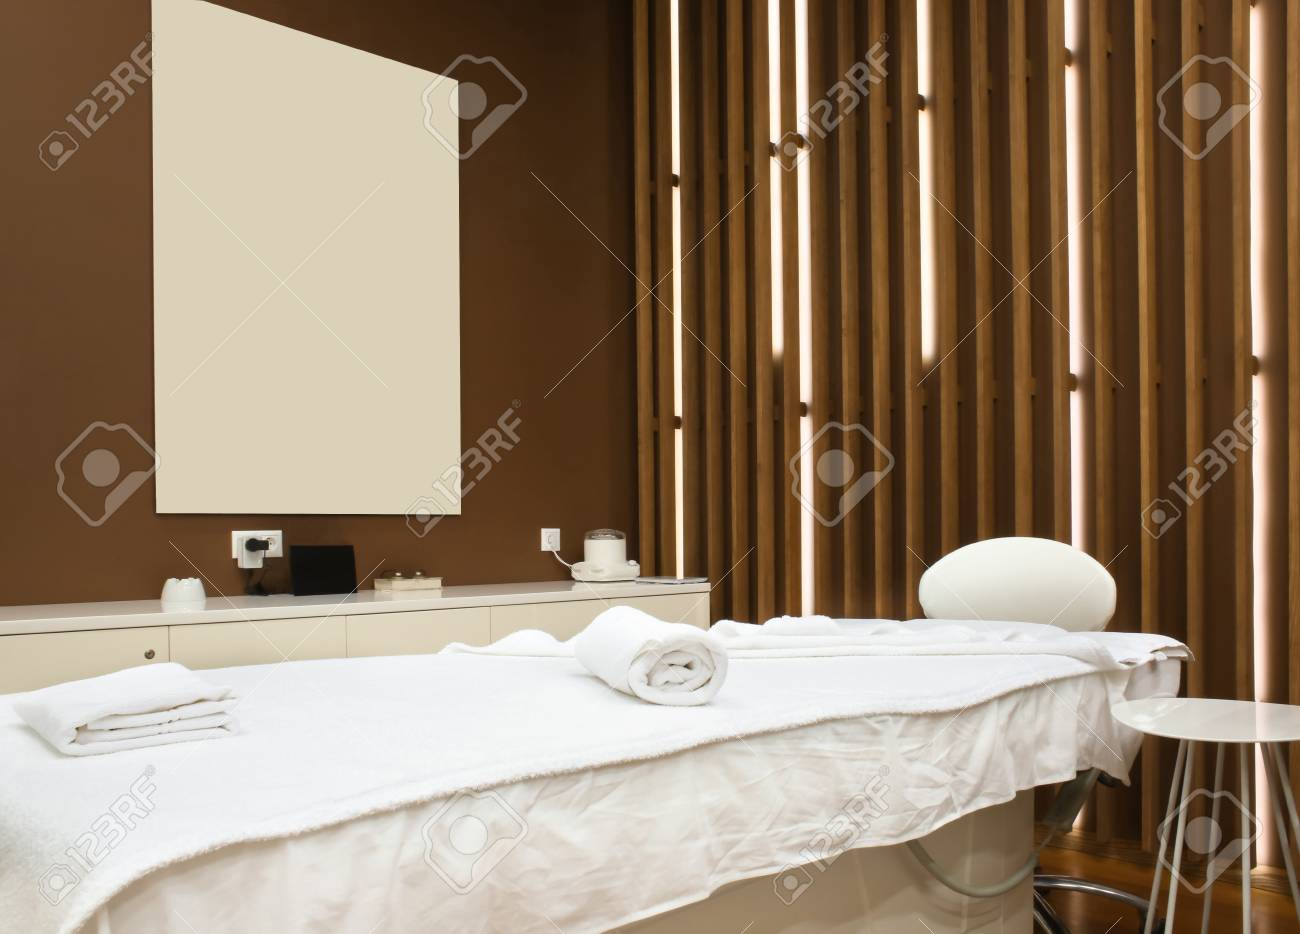 Interior Of Modern Spa Salon Lizenzfreie Fotos, Bilder Und Stock ...